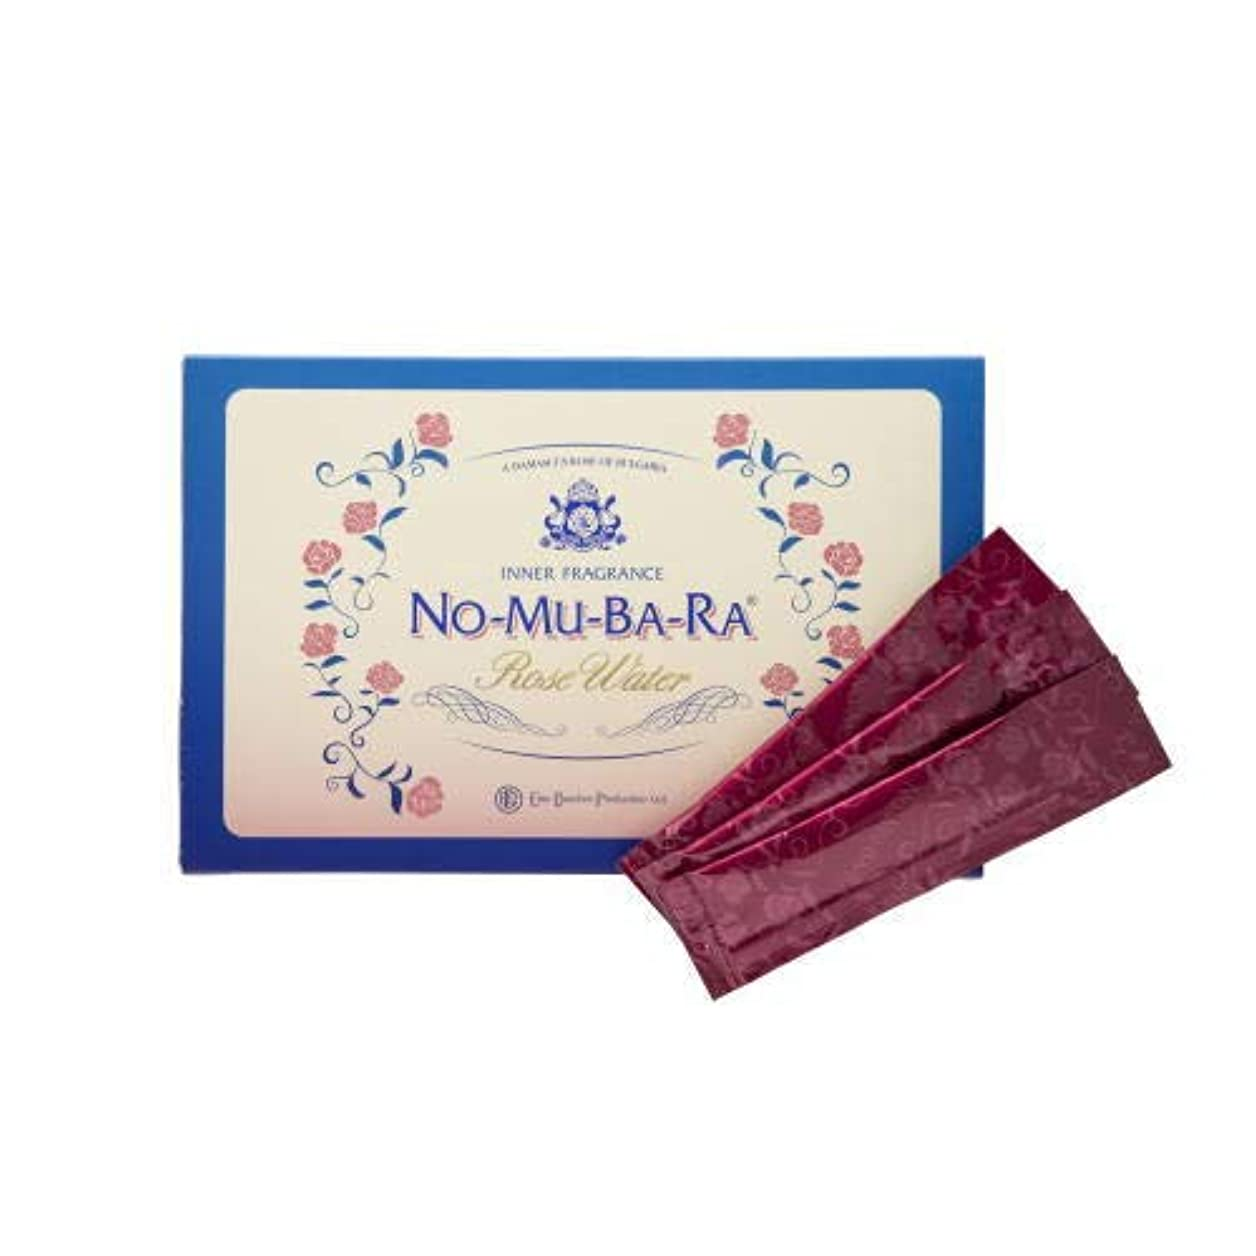 オーガニックコンベンション王位NO-MU-BA-RA NO-MU-BA-RA(ノムバラ)(35包入)×2箱【モンドセレクション受賞】